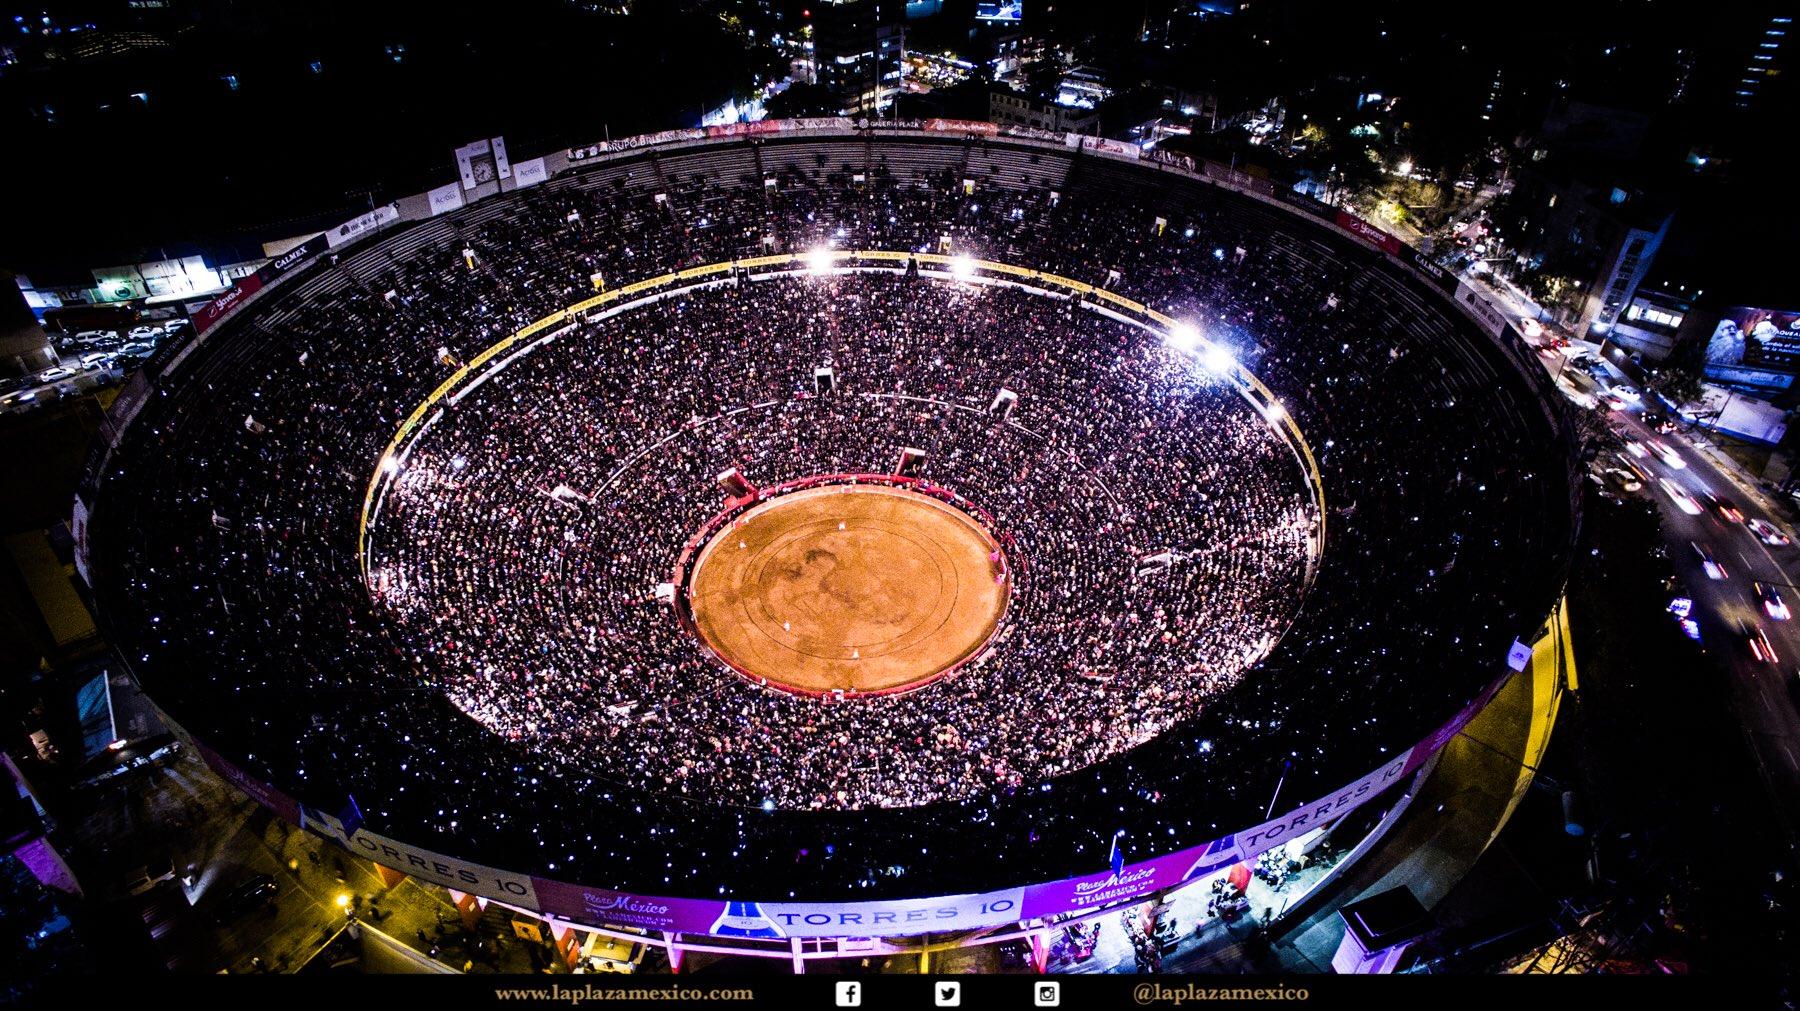 corridas de aficionados escort independiente colombia